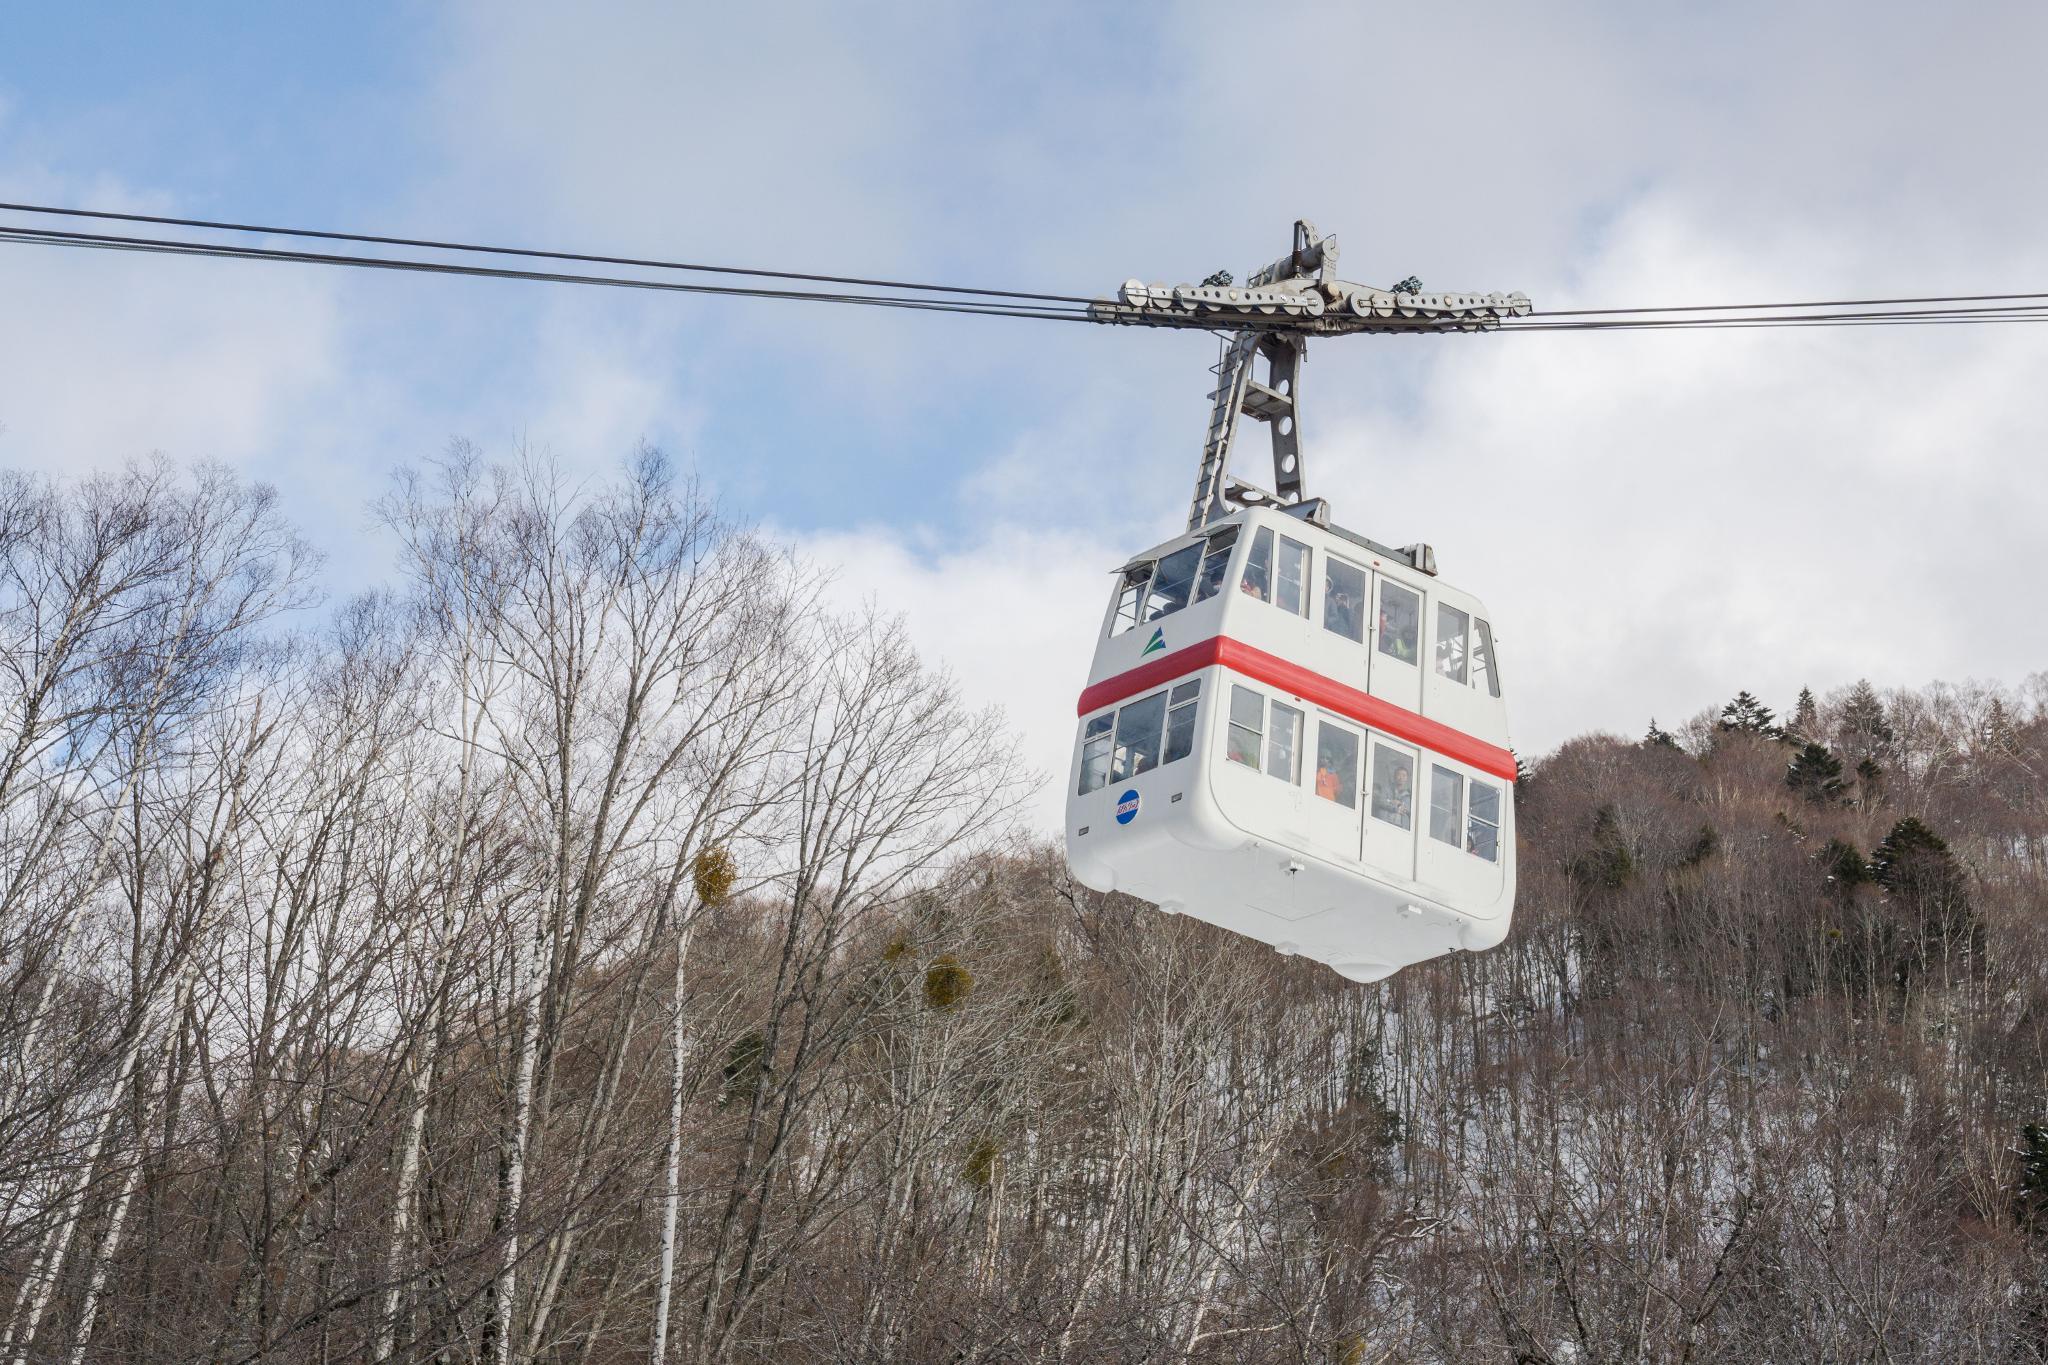 【岐阜】超級推薦!奧飛驒溫泉鄉的冬季戀歌 ~ 新穗高纜車雪景攻略 129